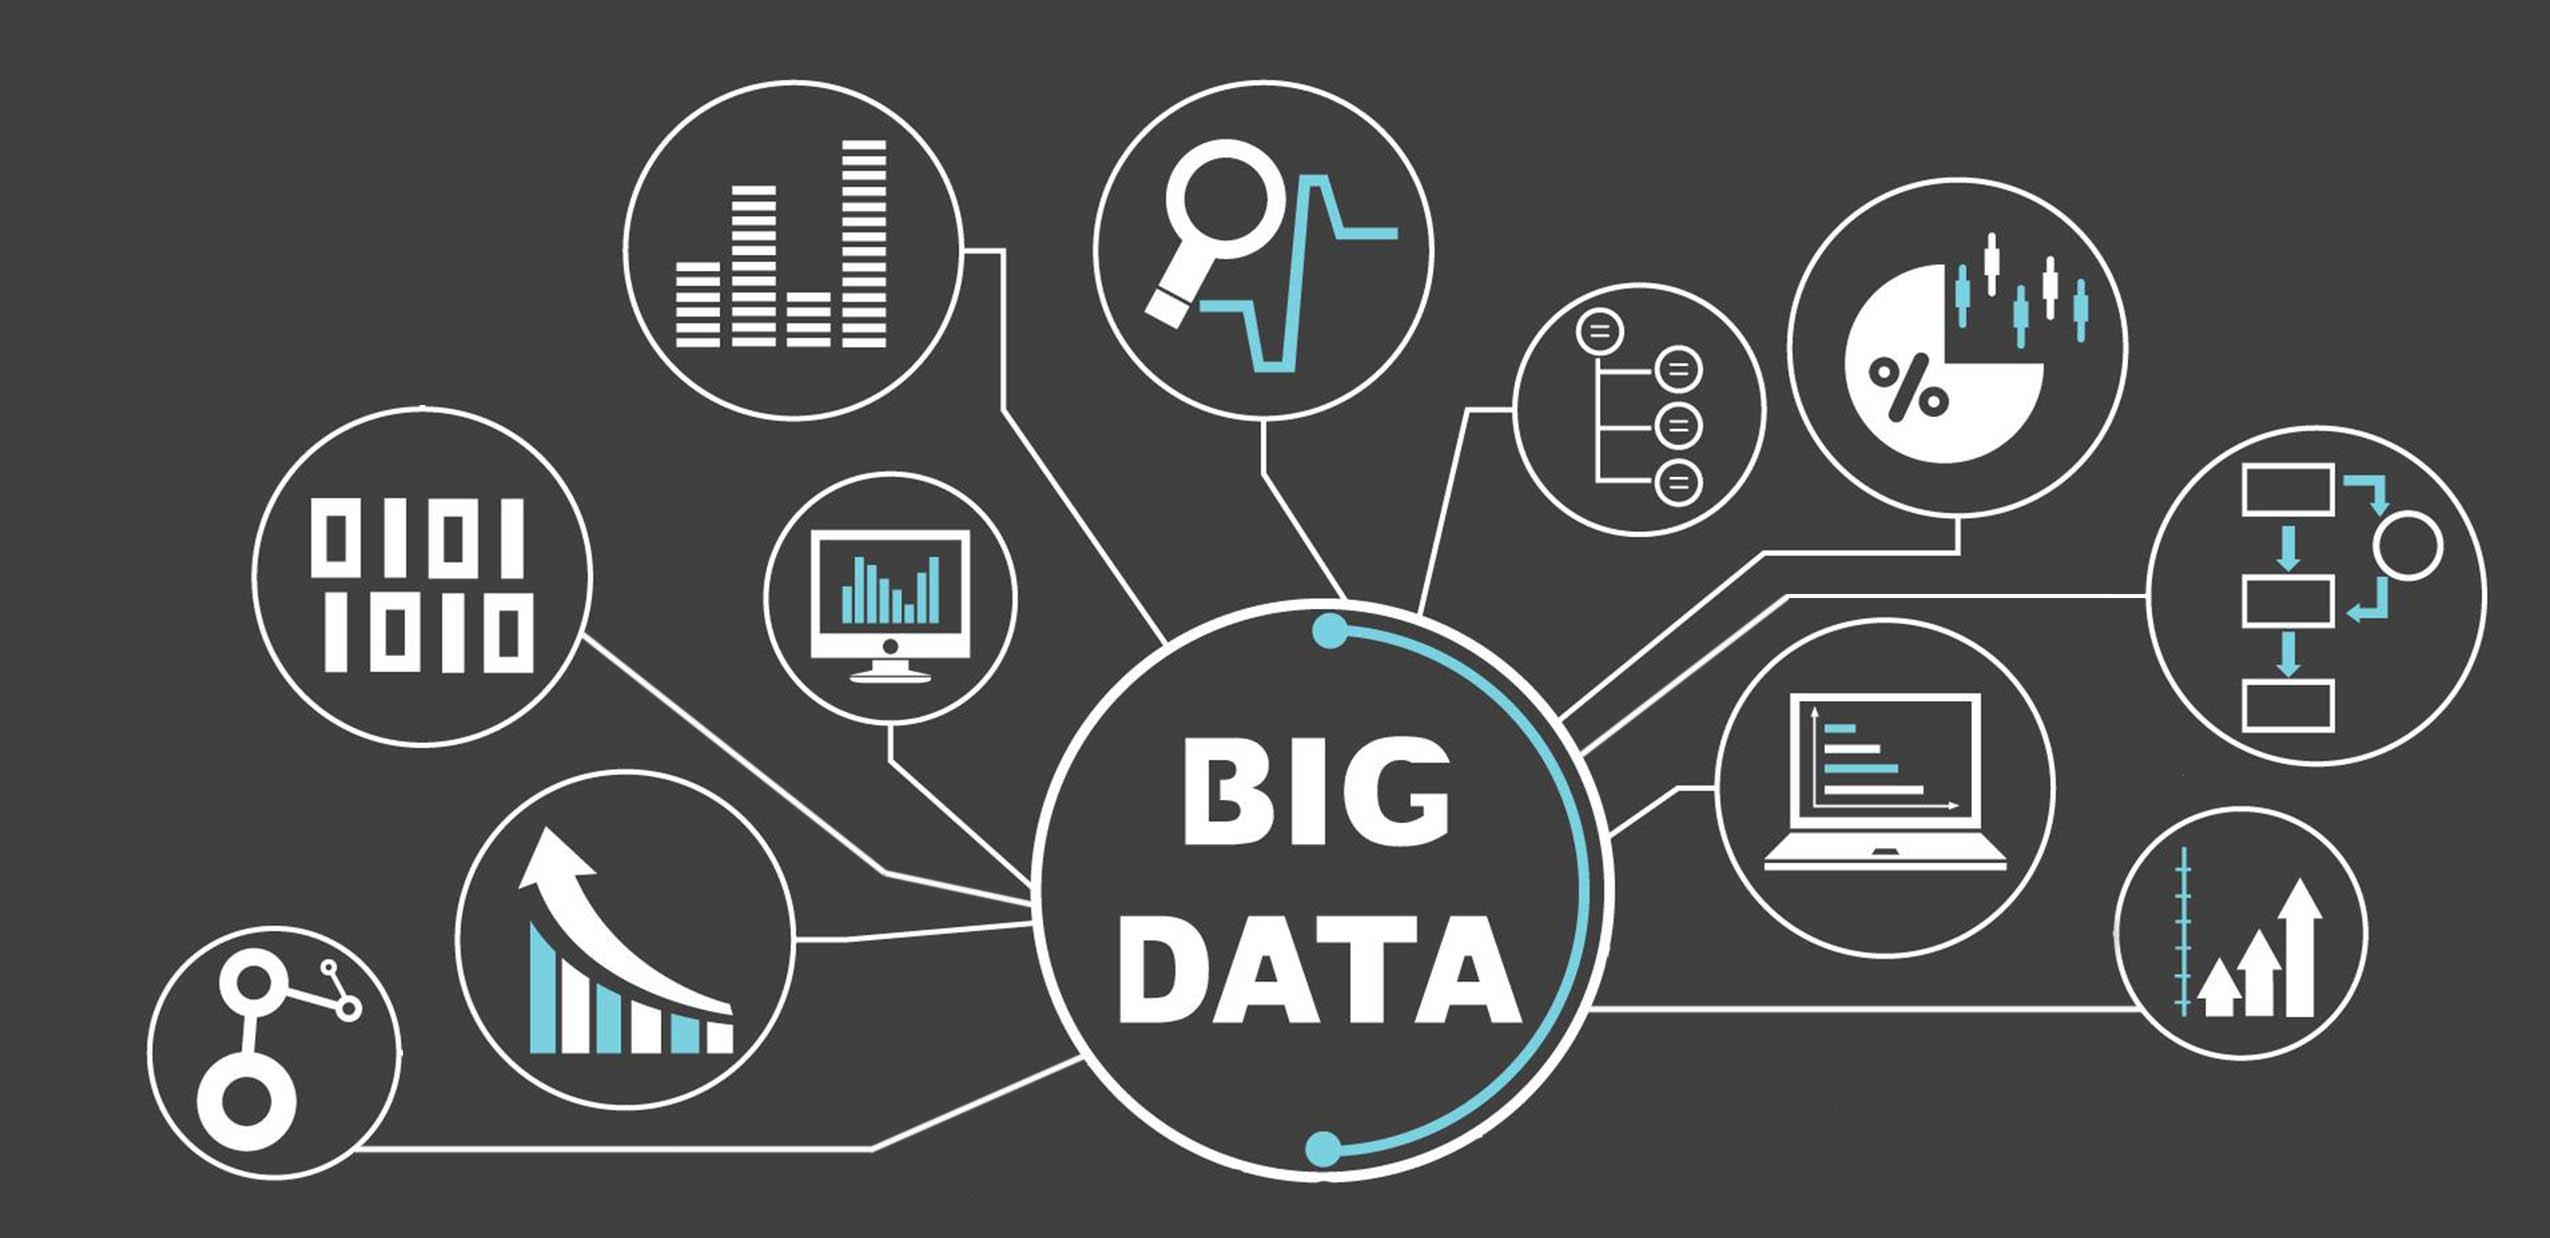 En-2017-el-Big-Data-se-convertirá-en-necesidad